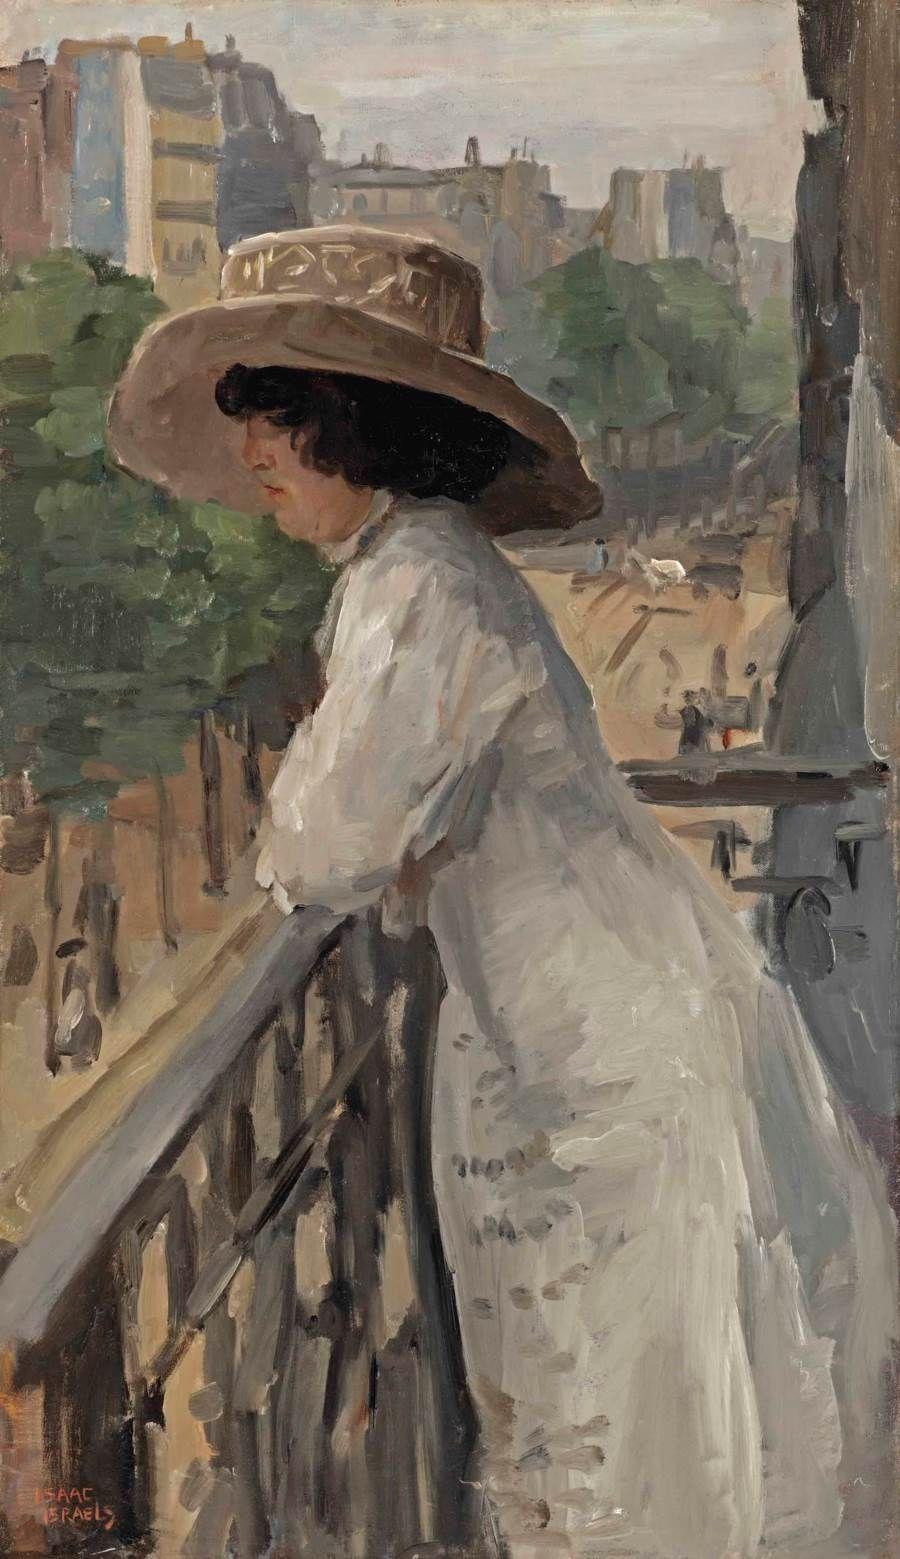 Isaac Israels (Amsterdam 1865- | Pinturas impresionistas, Pintura y  escultura, Pintores holandeses